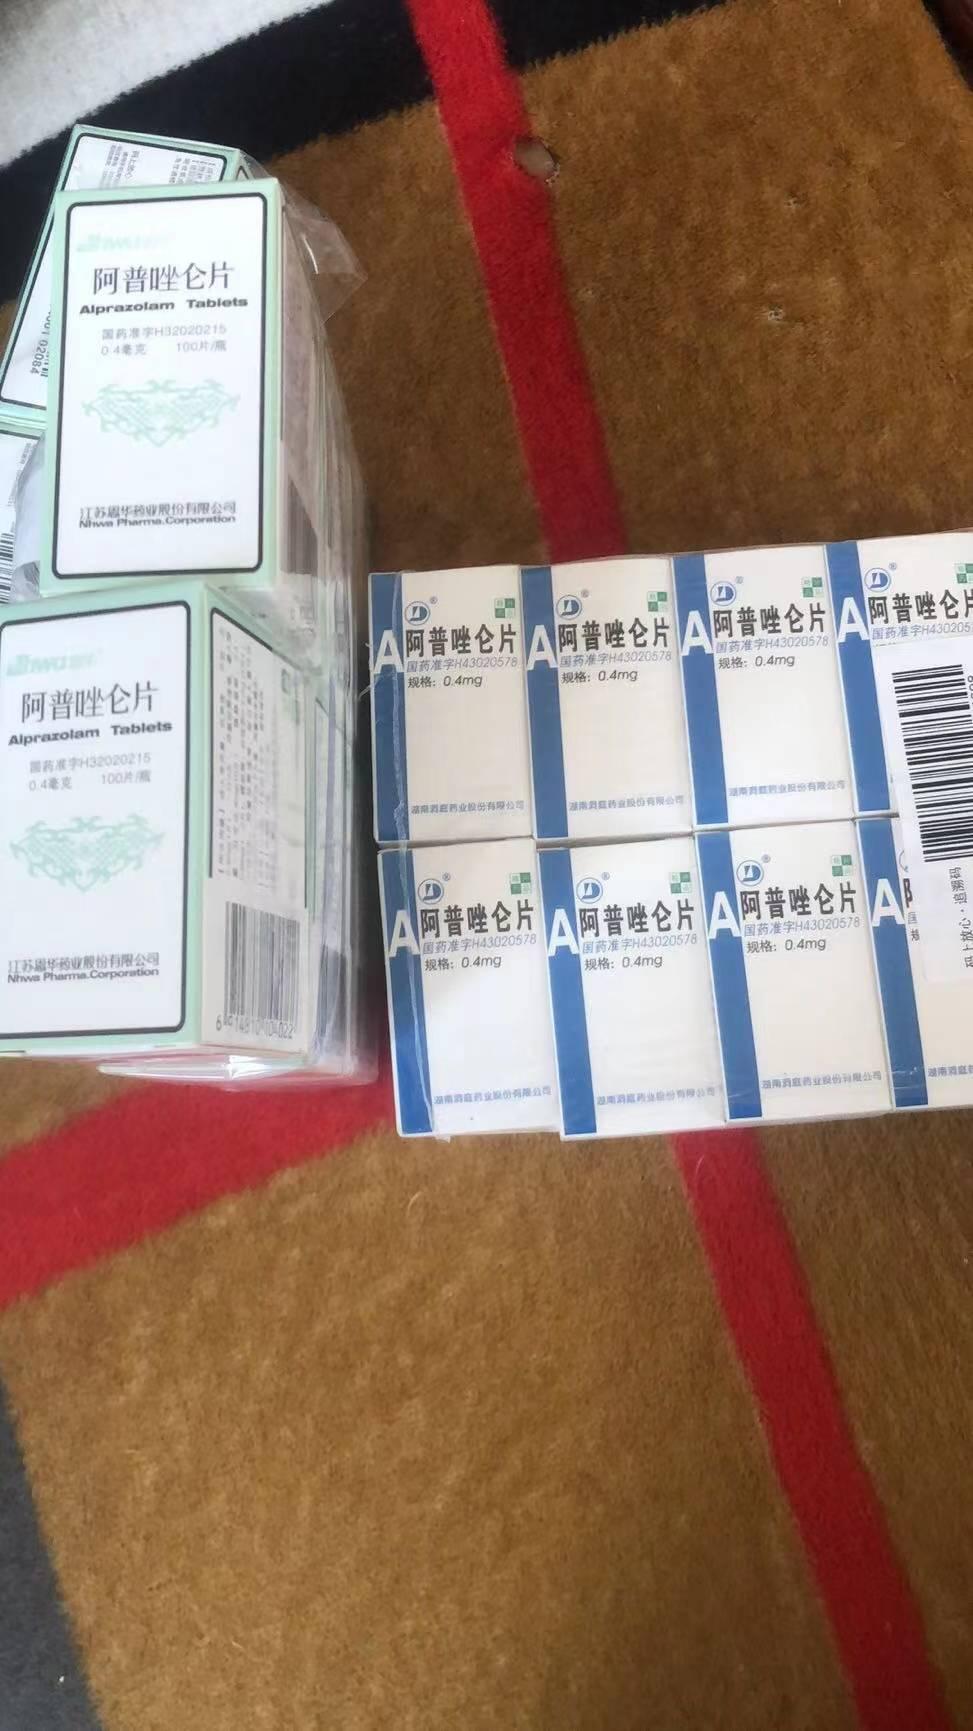 一位药贩手中的二类精神药品阿普唑仑片。